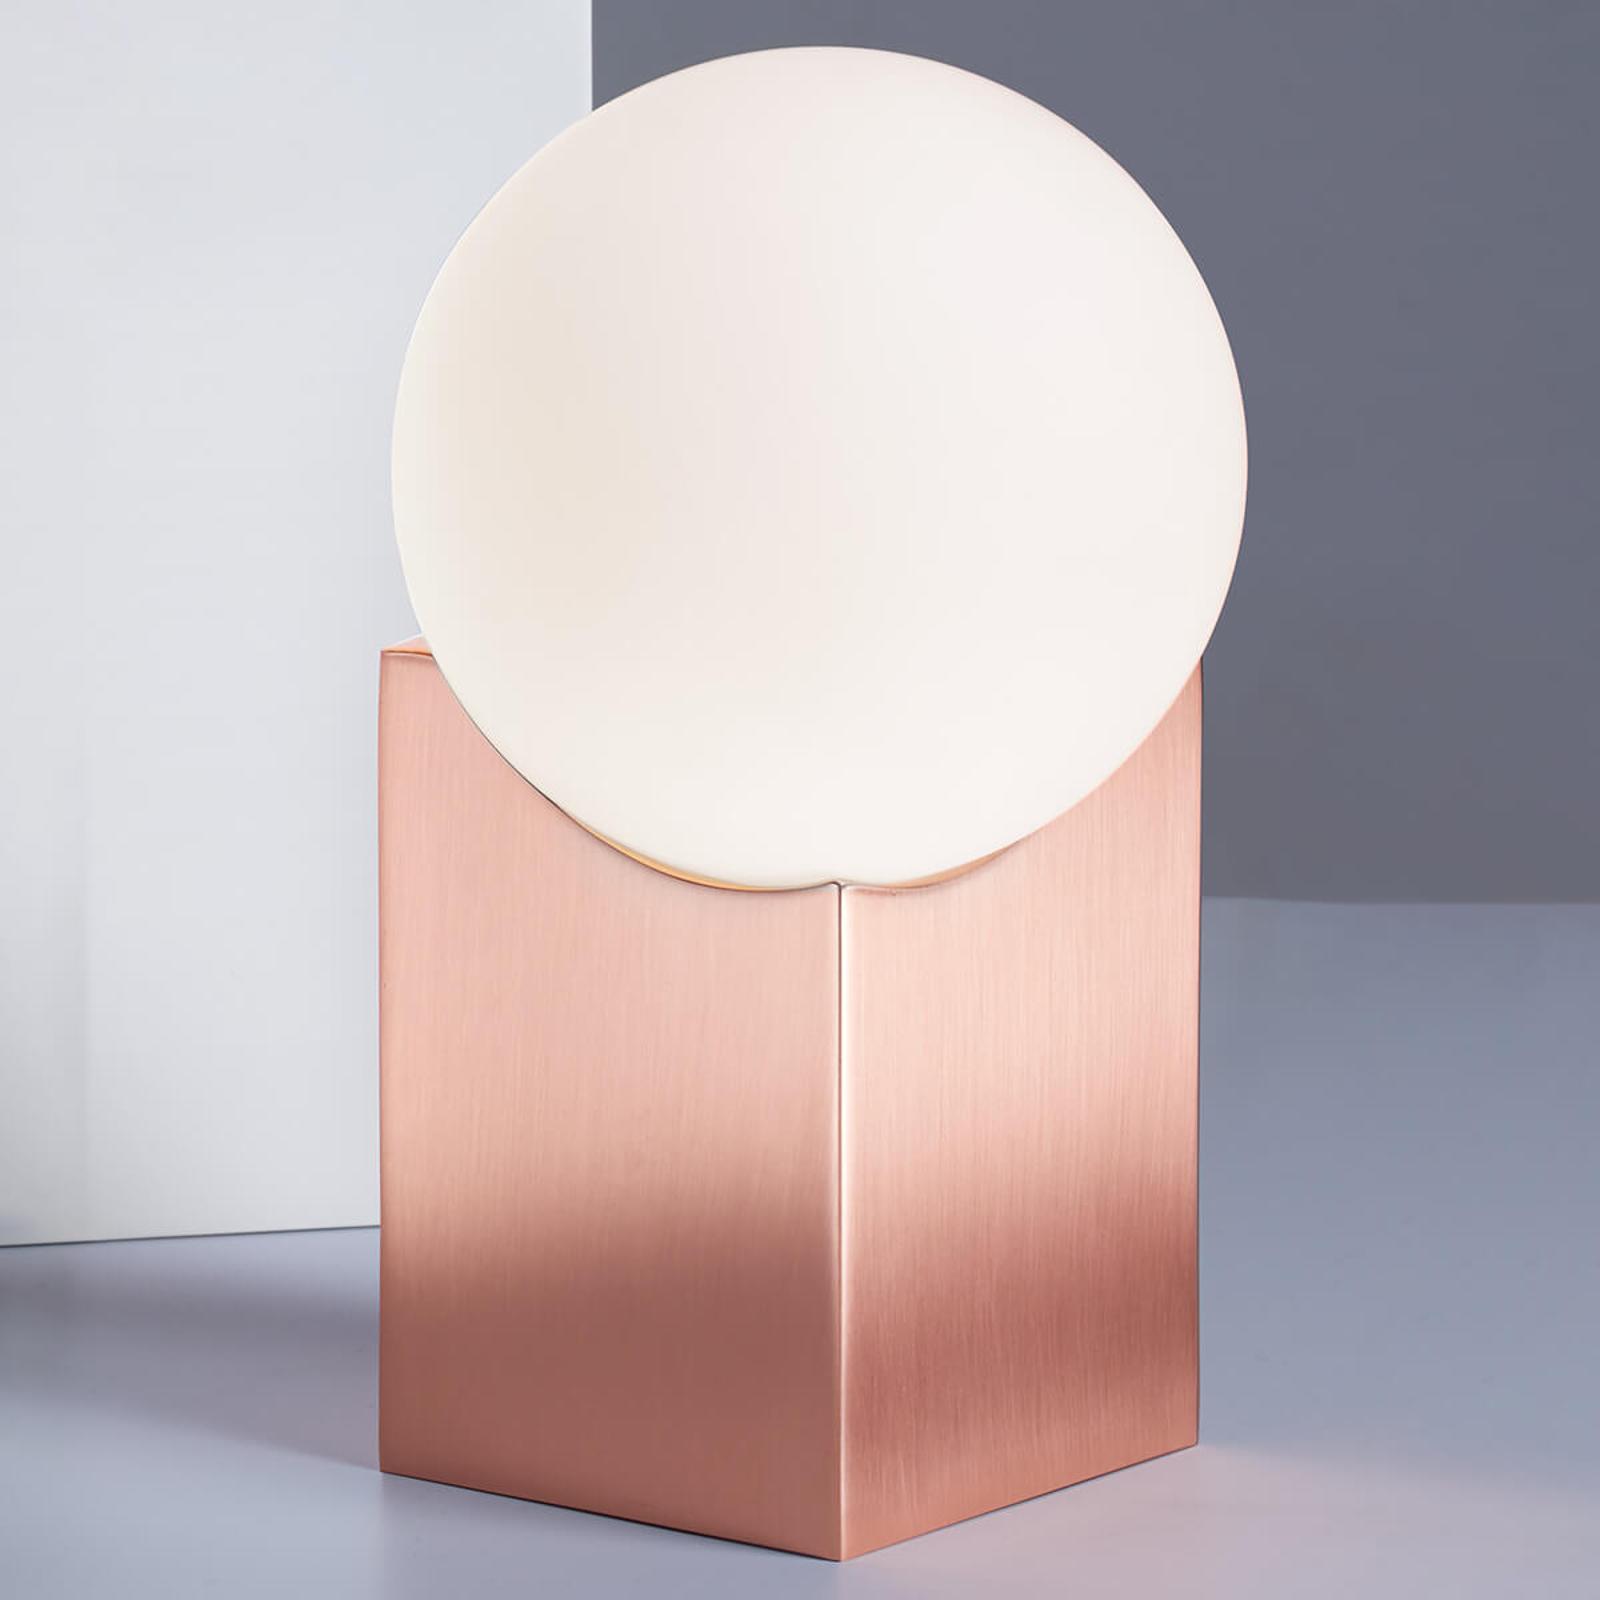 Cub væglampe 17,5 cm, kobber